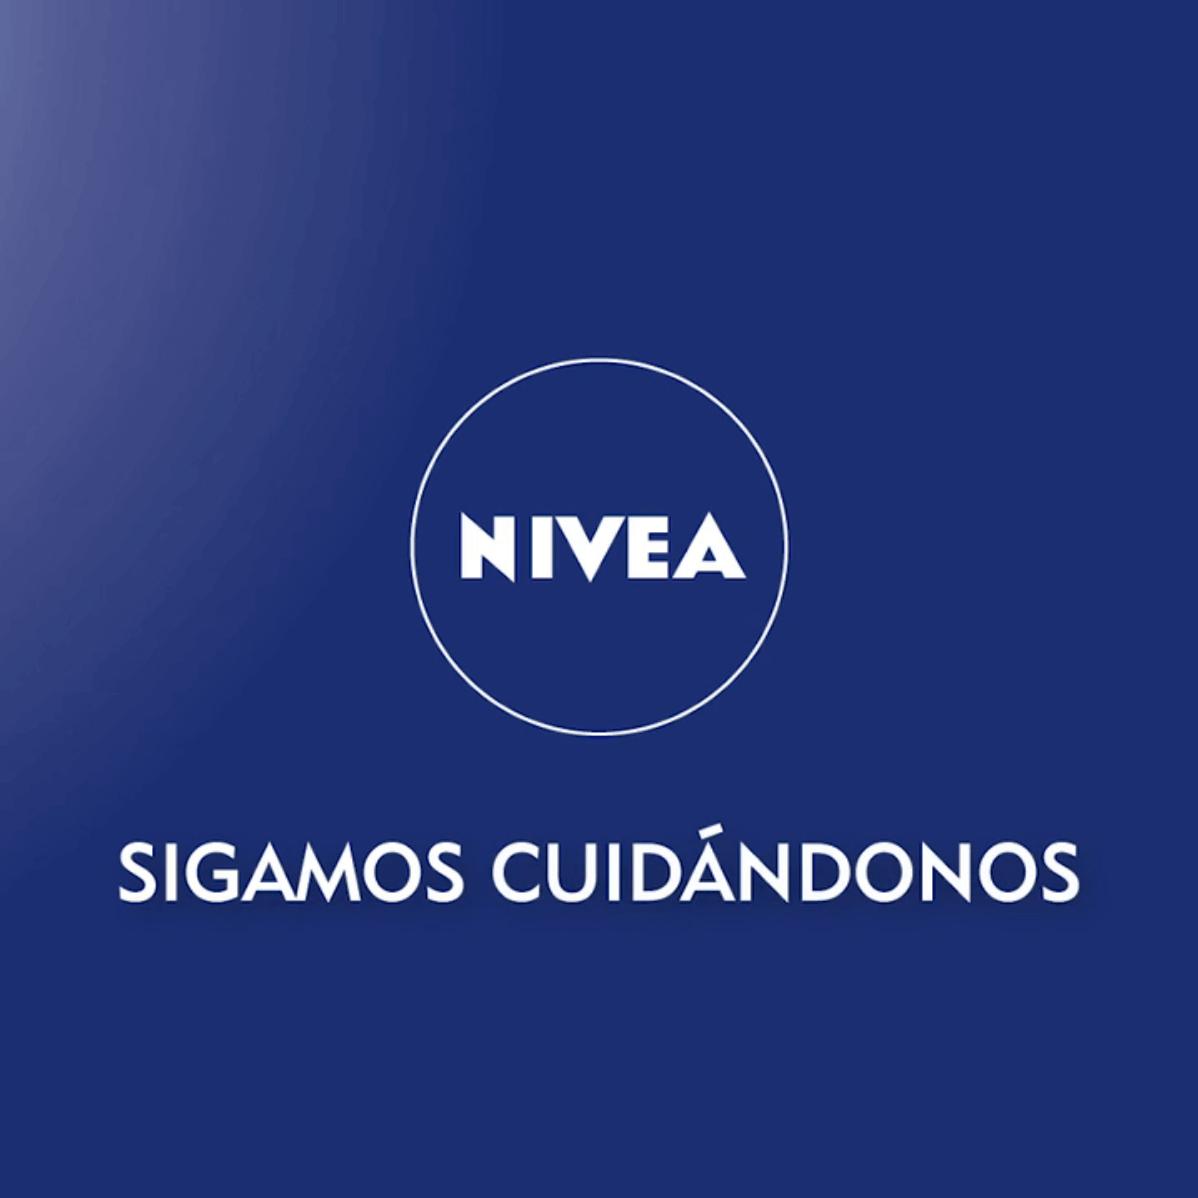 NIVEA - SIGAMOS CUIDANDONOS